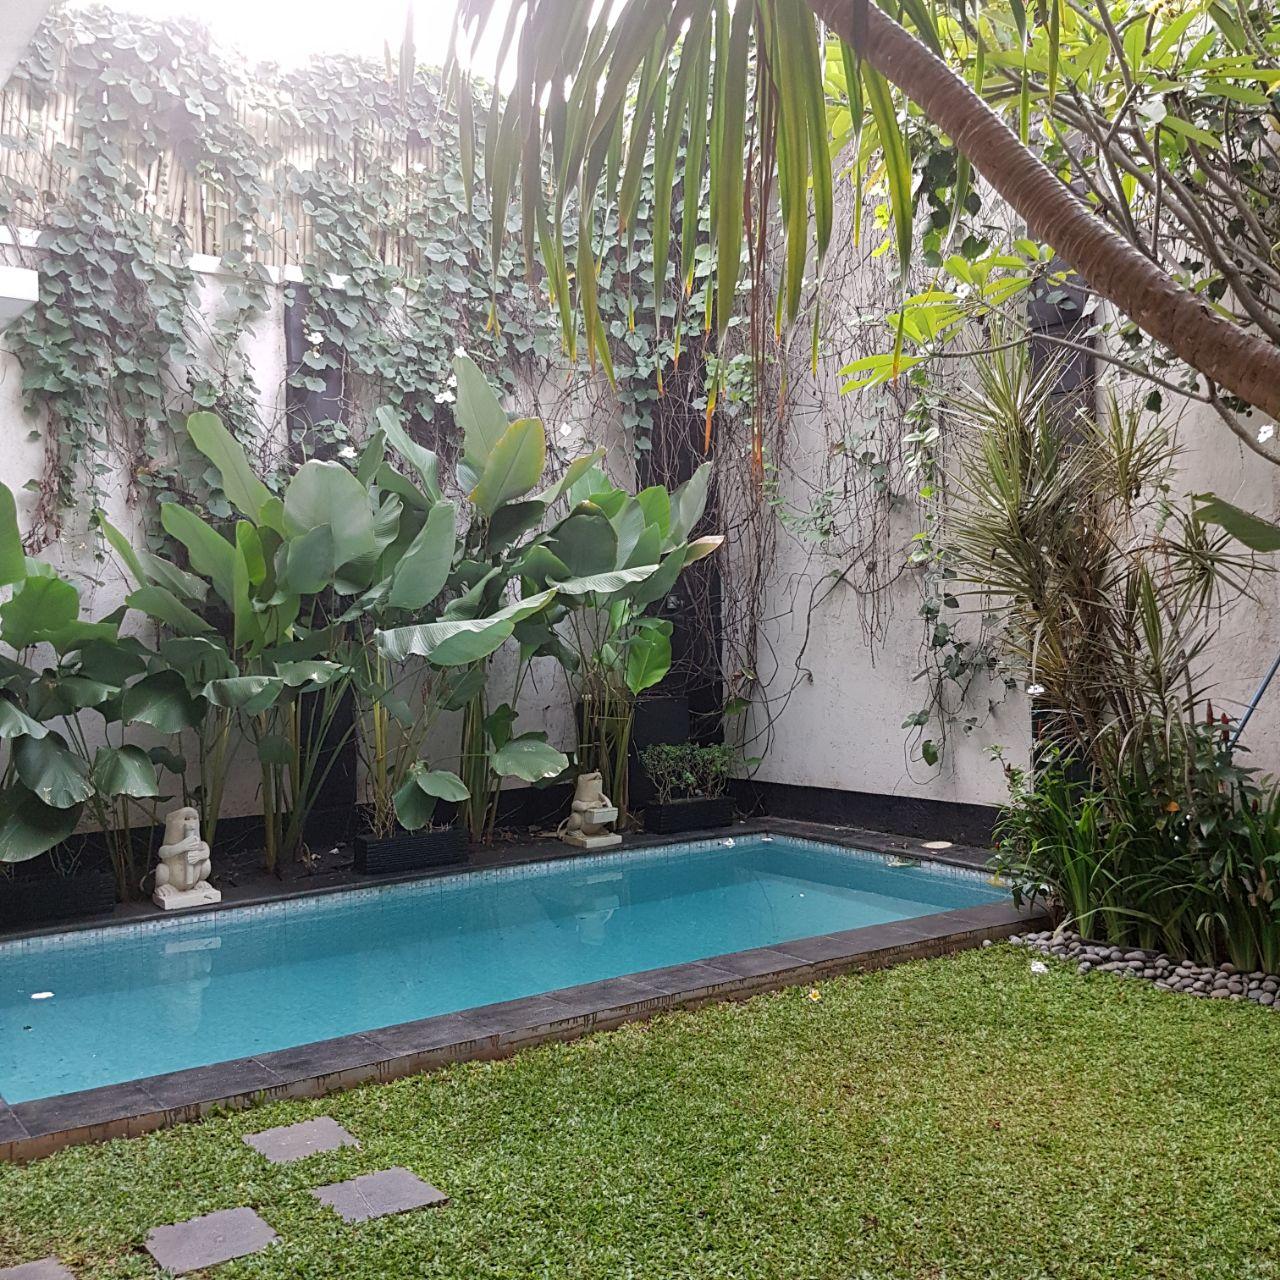 Dijual Rumah Mewah Modern area jl Abdul majid - antasari, akses & lingkungan bagus